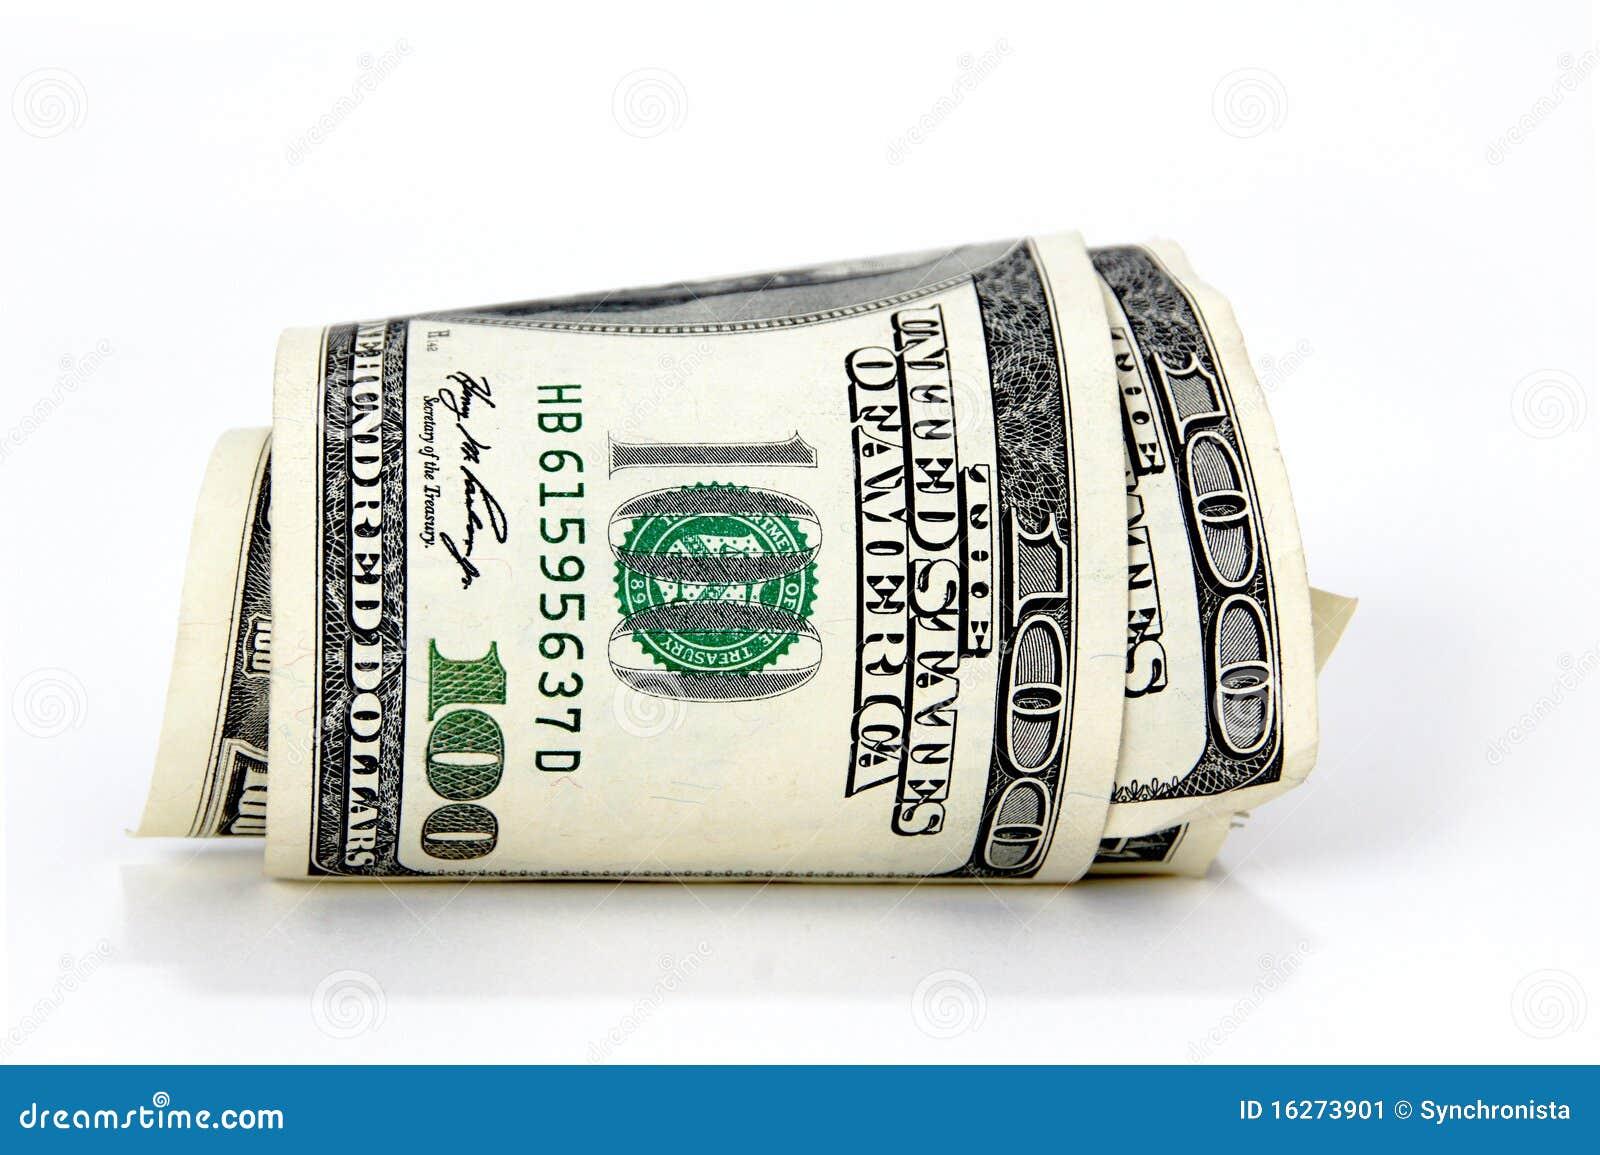 $100 Bill Clipart - photogram